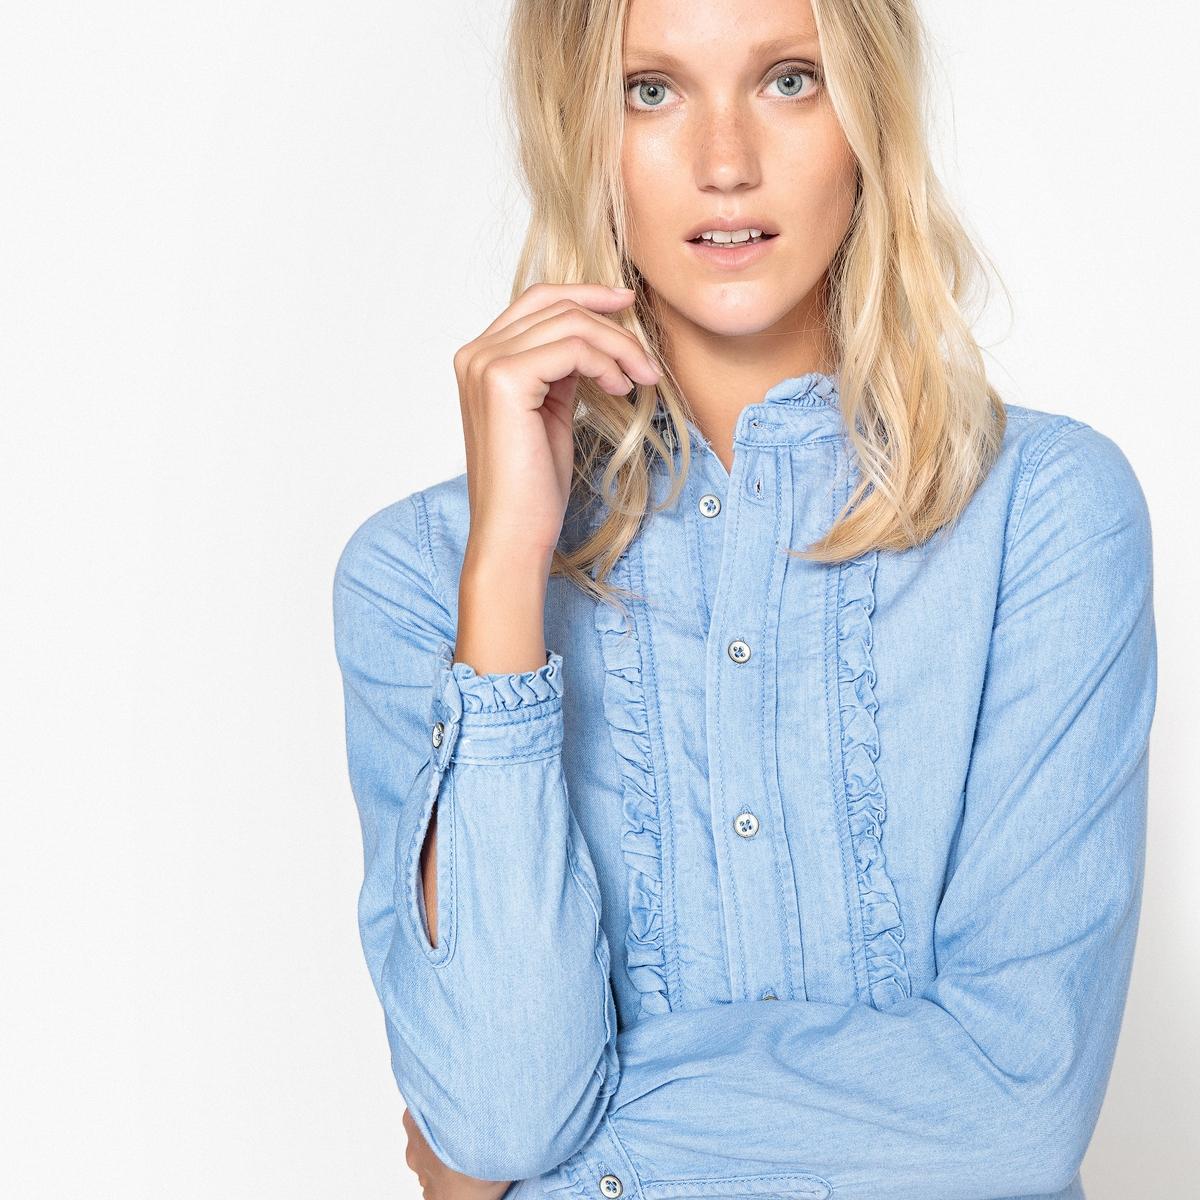 РубашкаОписание •  Длинные рукава  •  Прямой покрой  •  Воротник-стойкаСостав и уход •  69% хлопка, 31% лиоцелла •  Следуйте рекомендациям по уходу, указанным на этикетке изделия<br><br>Цвет: синий<br>Размер: M.L.S